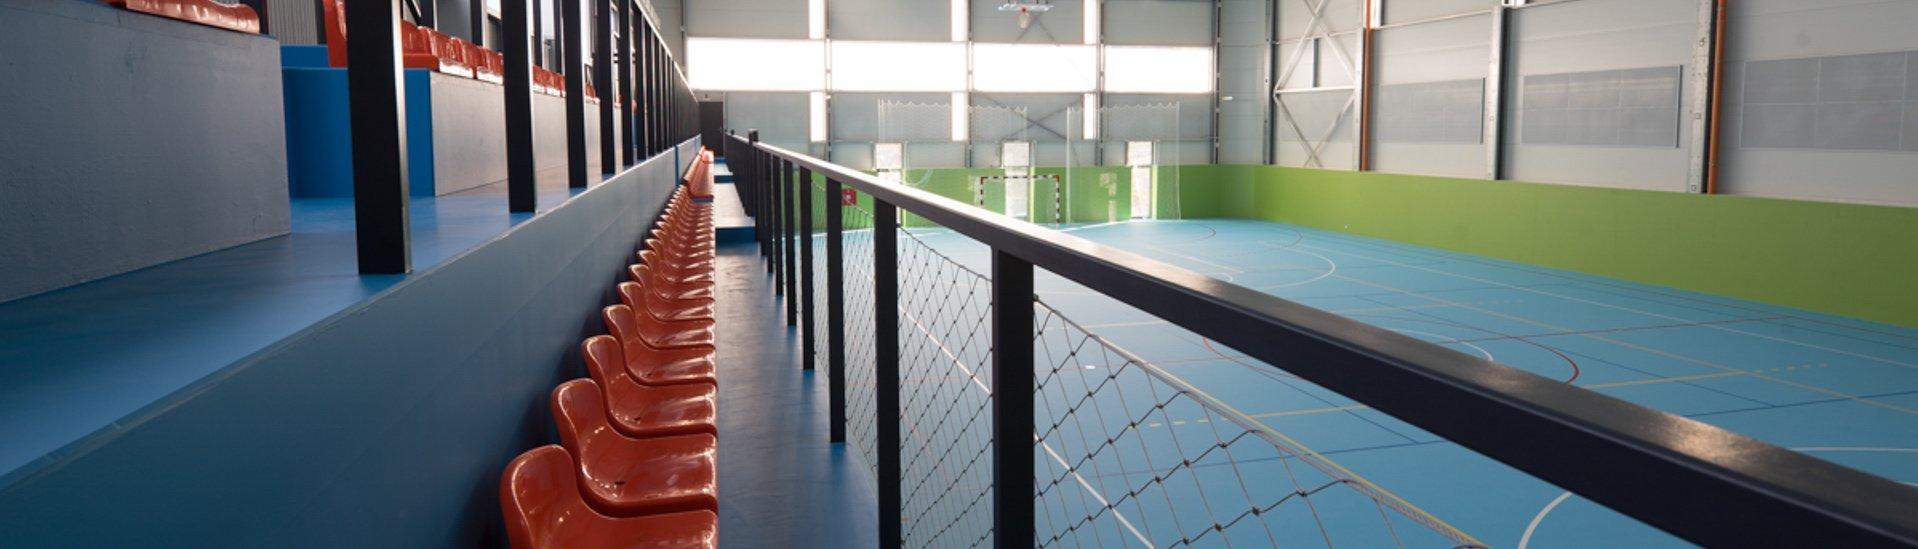 Sport arena CZ0592 TJP Mělník